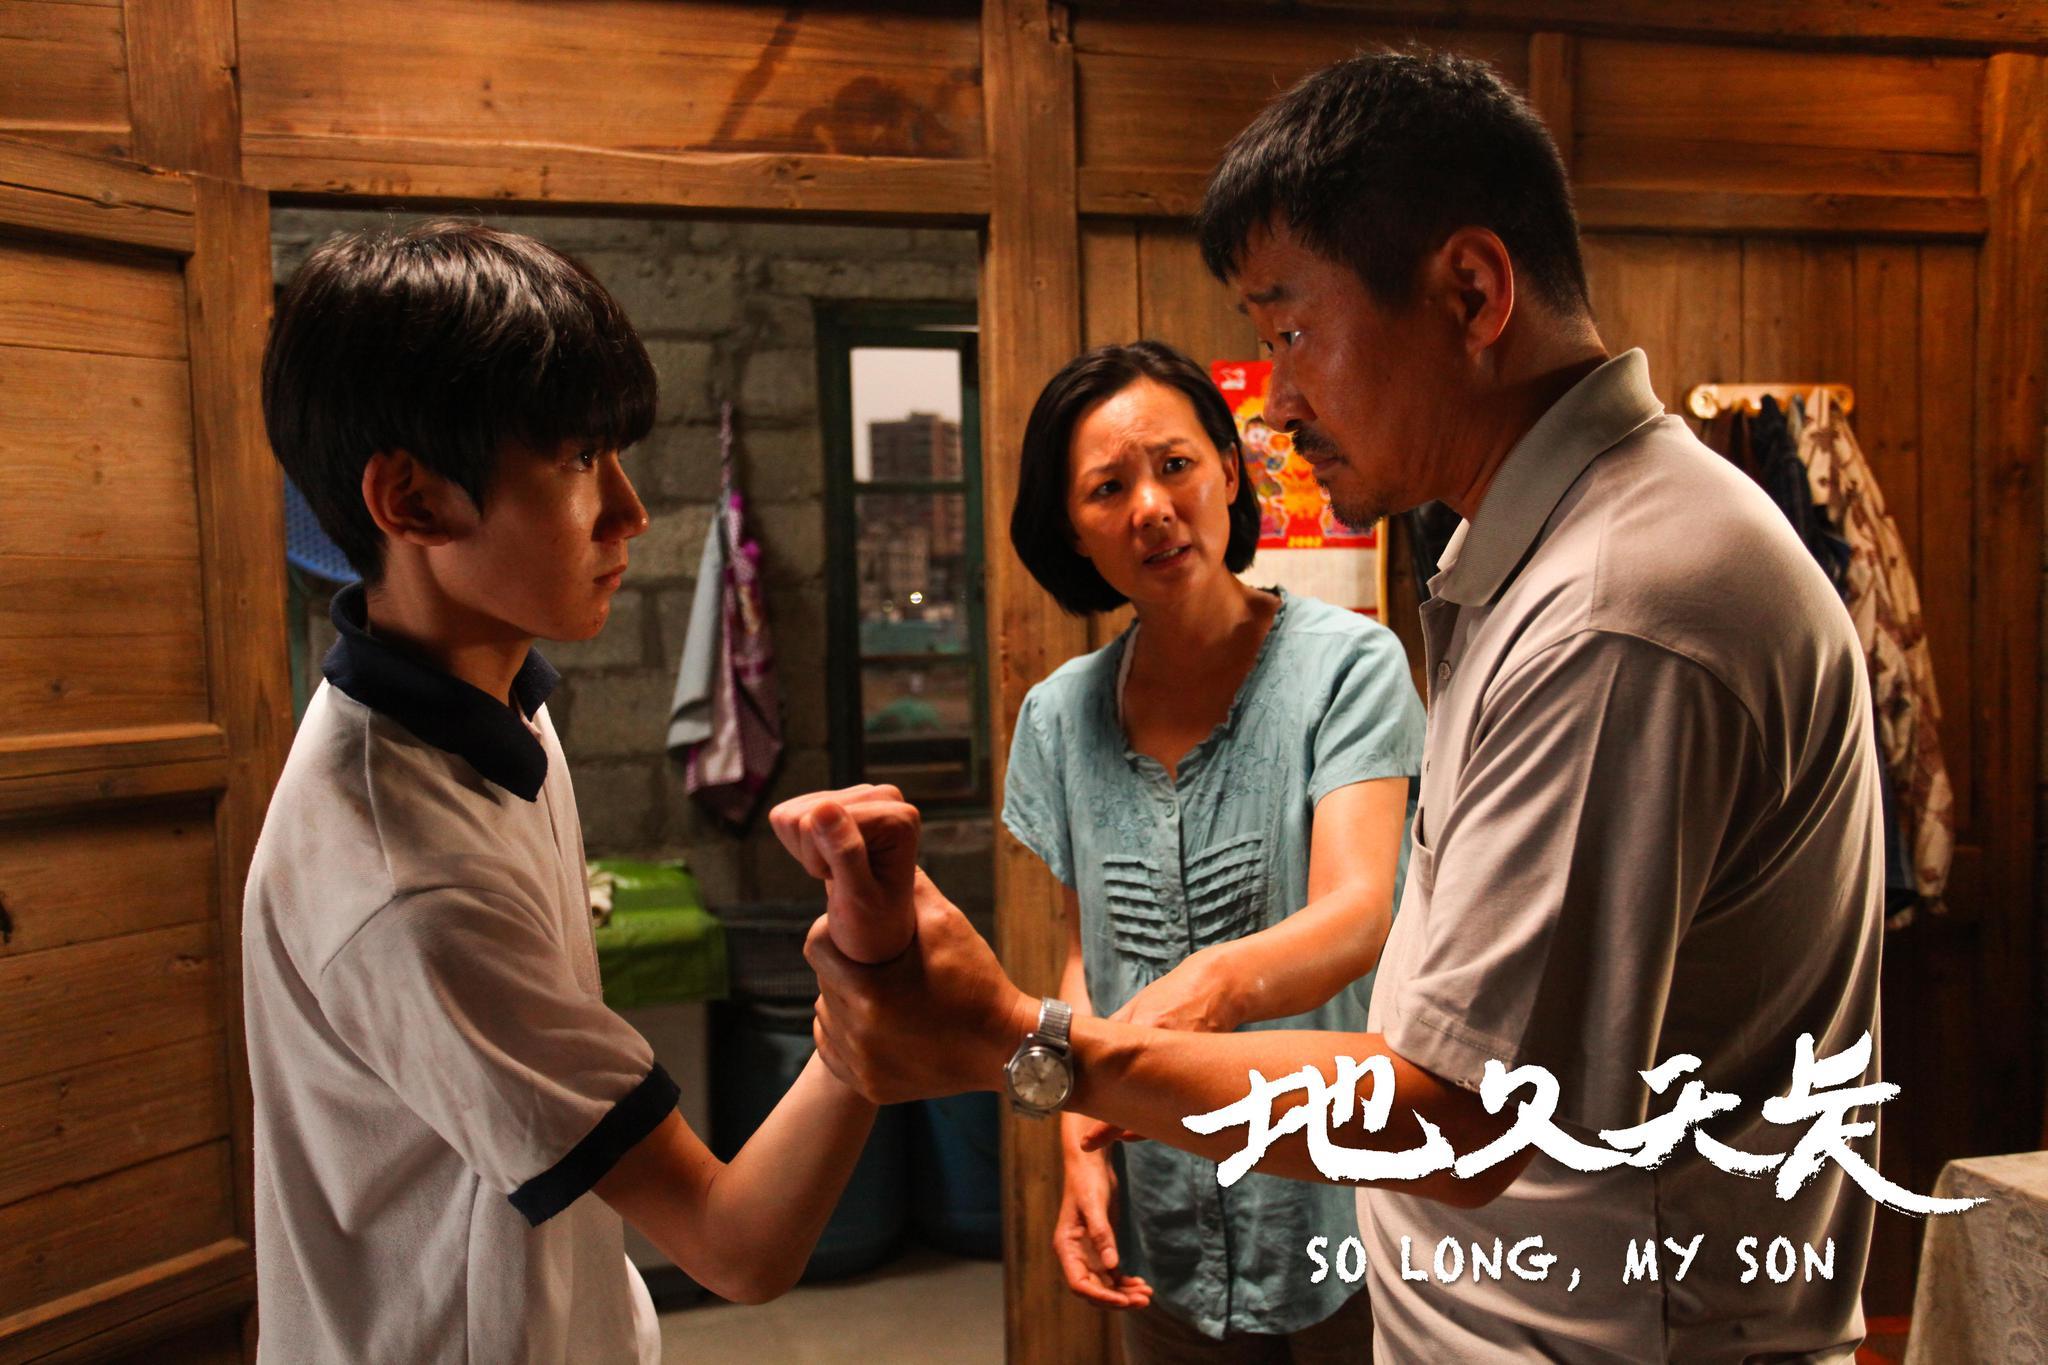 王小帅《地久天长》柏林主竞赛首映 中外观众经历三十年情感风暴